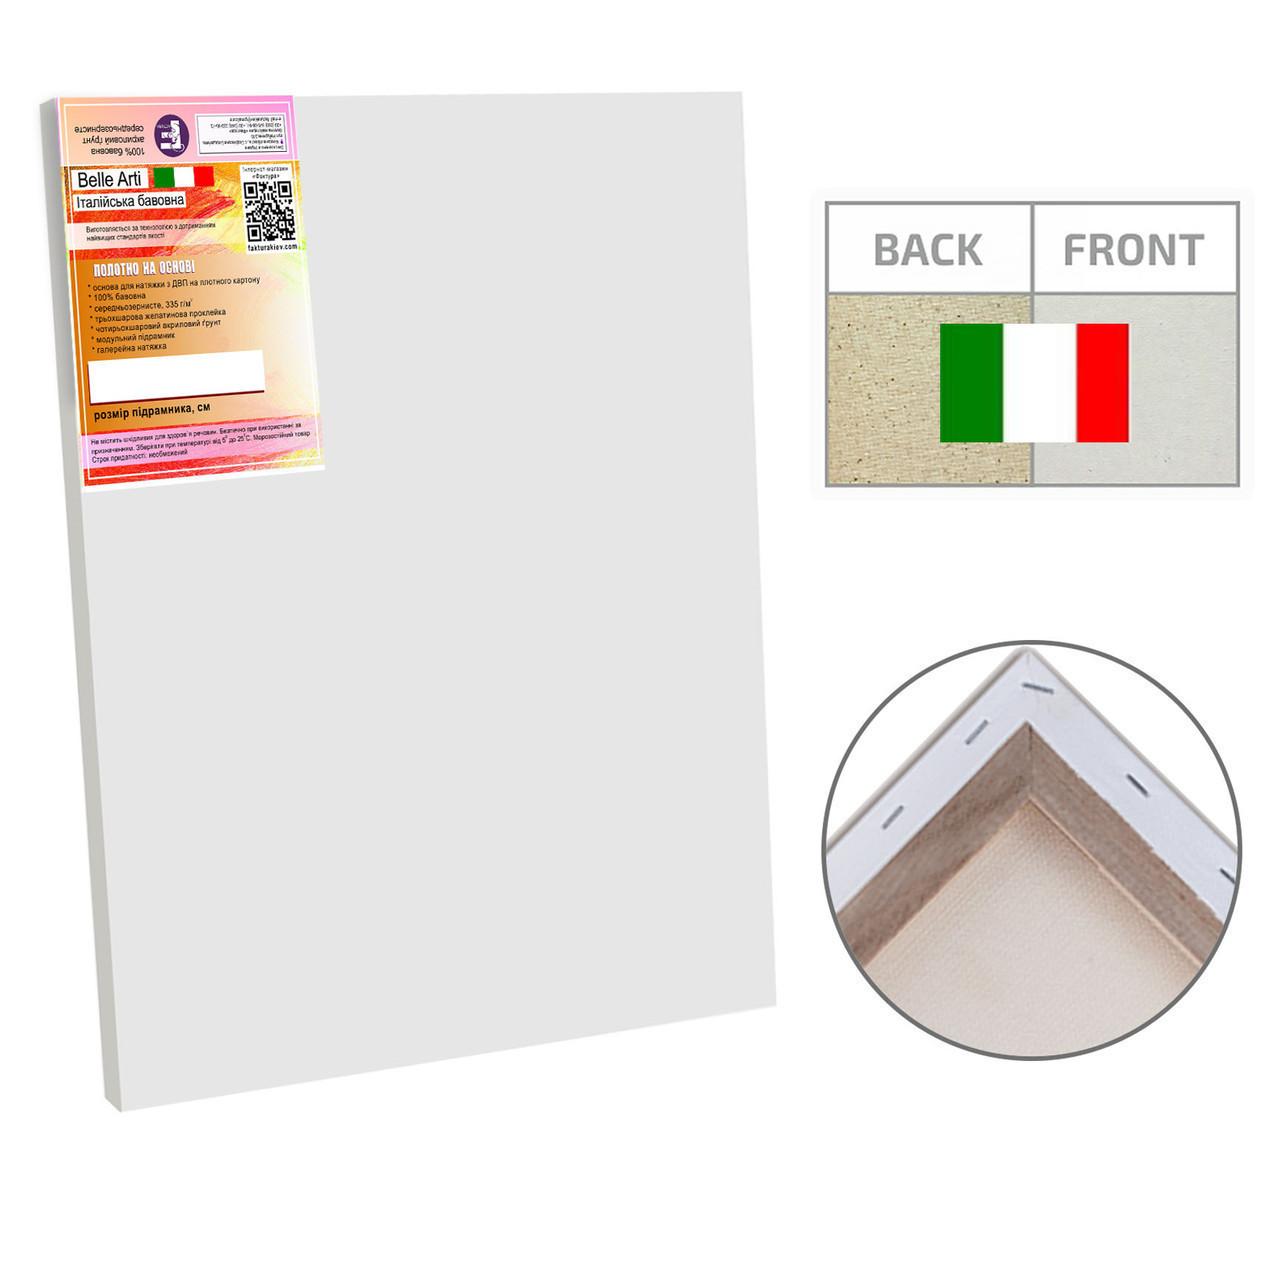 Холст на подрамнике Factura BelleArti 30х50 см Итальянский хлопок 285 грамм кв.м. среднее зерно белый